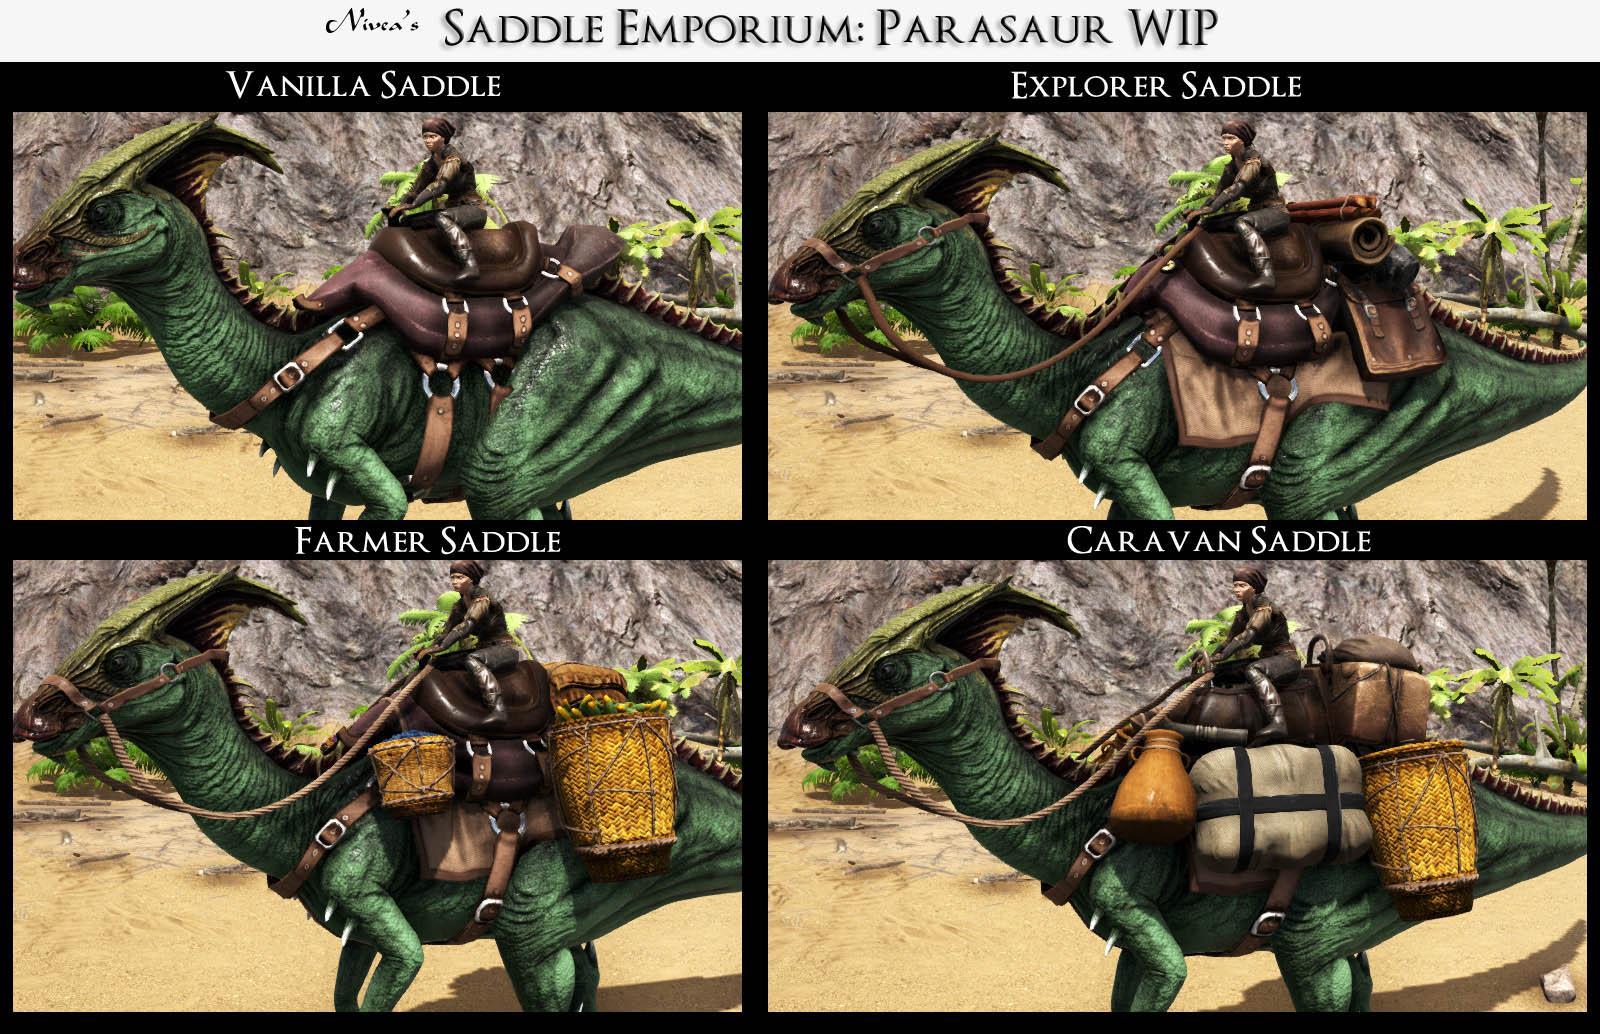 The Saddle Emporium Parasaur WIP